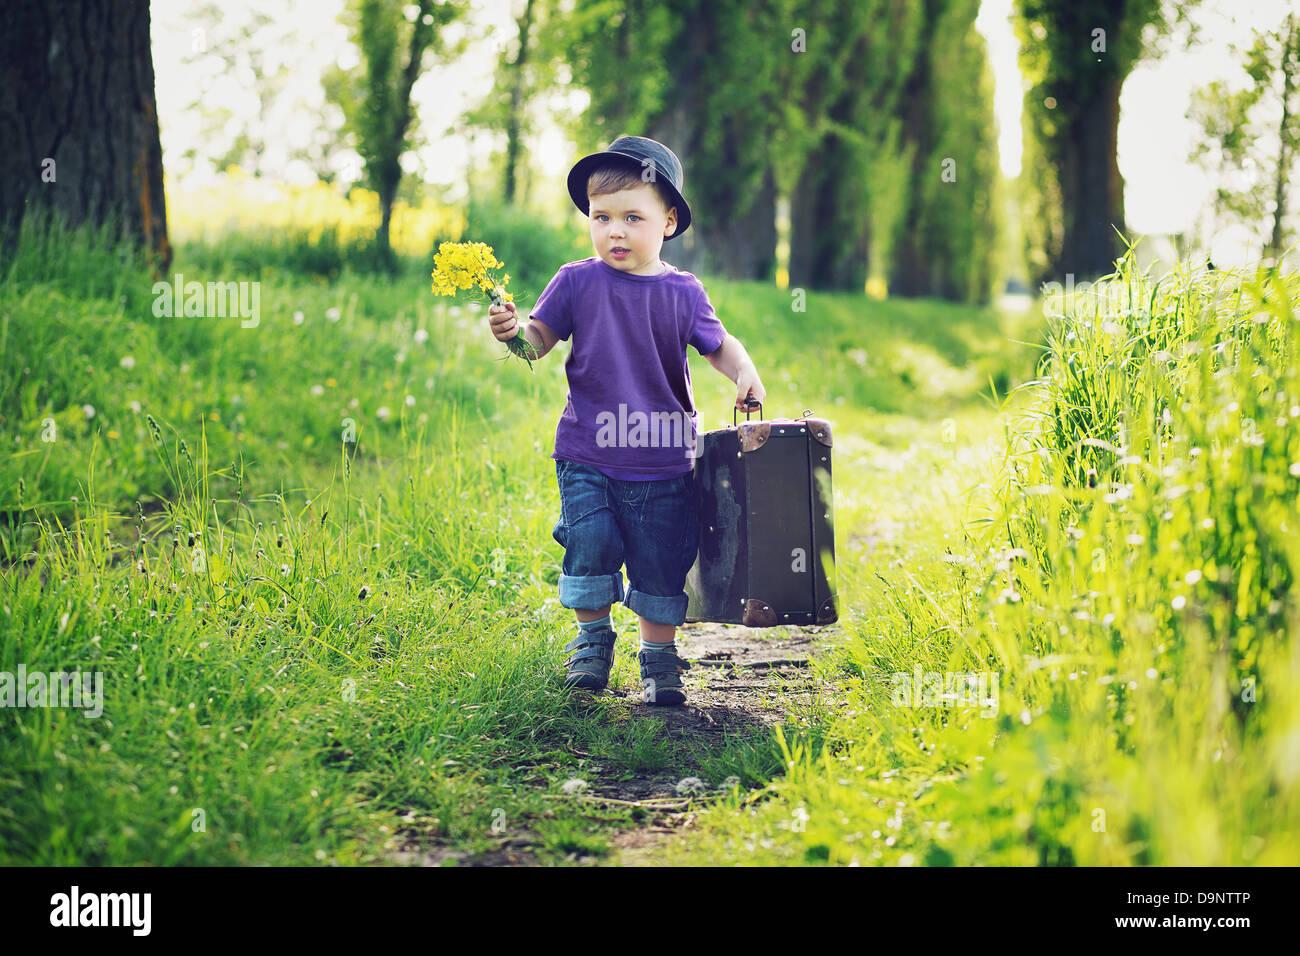 Kleiner Gentleman mit großen Koffer Stockbild